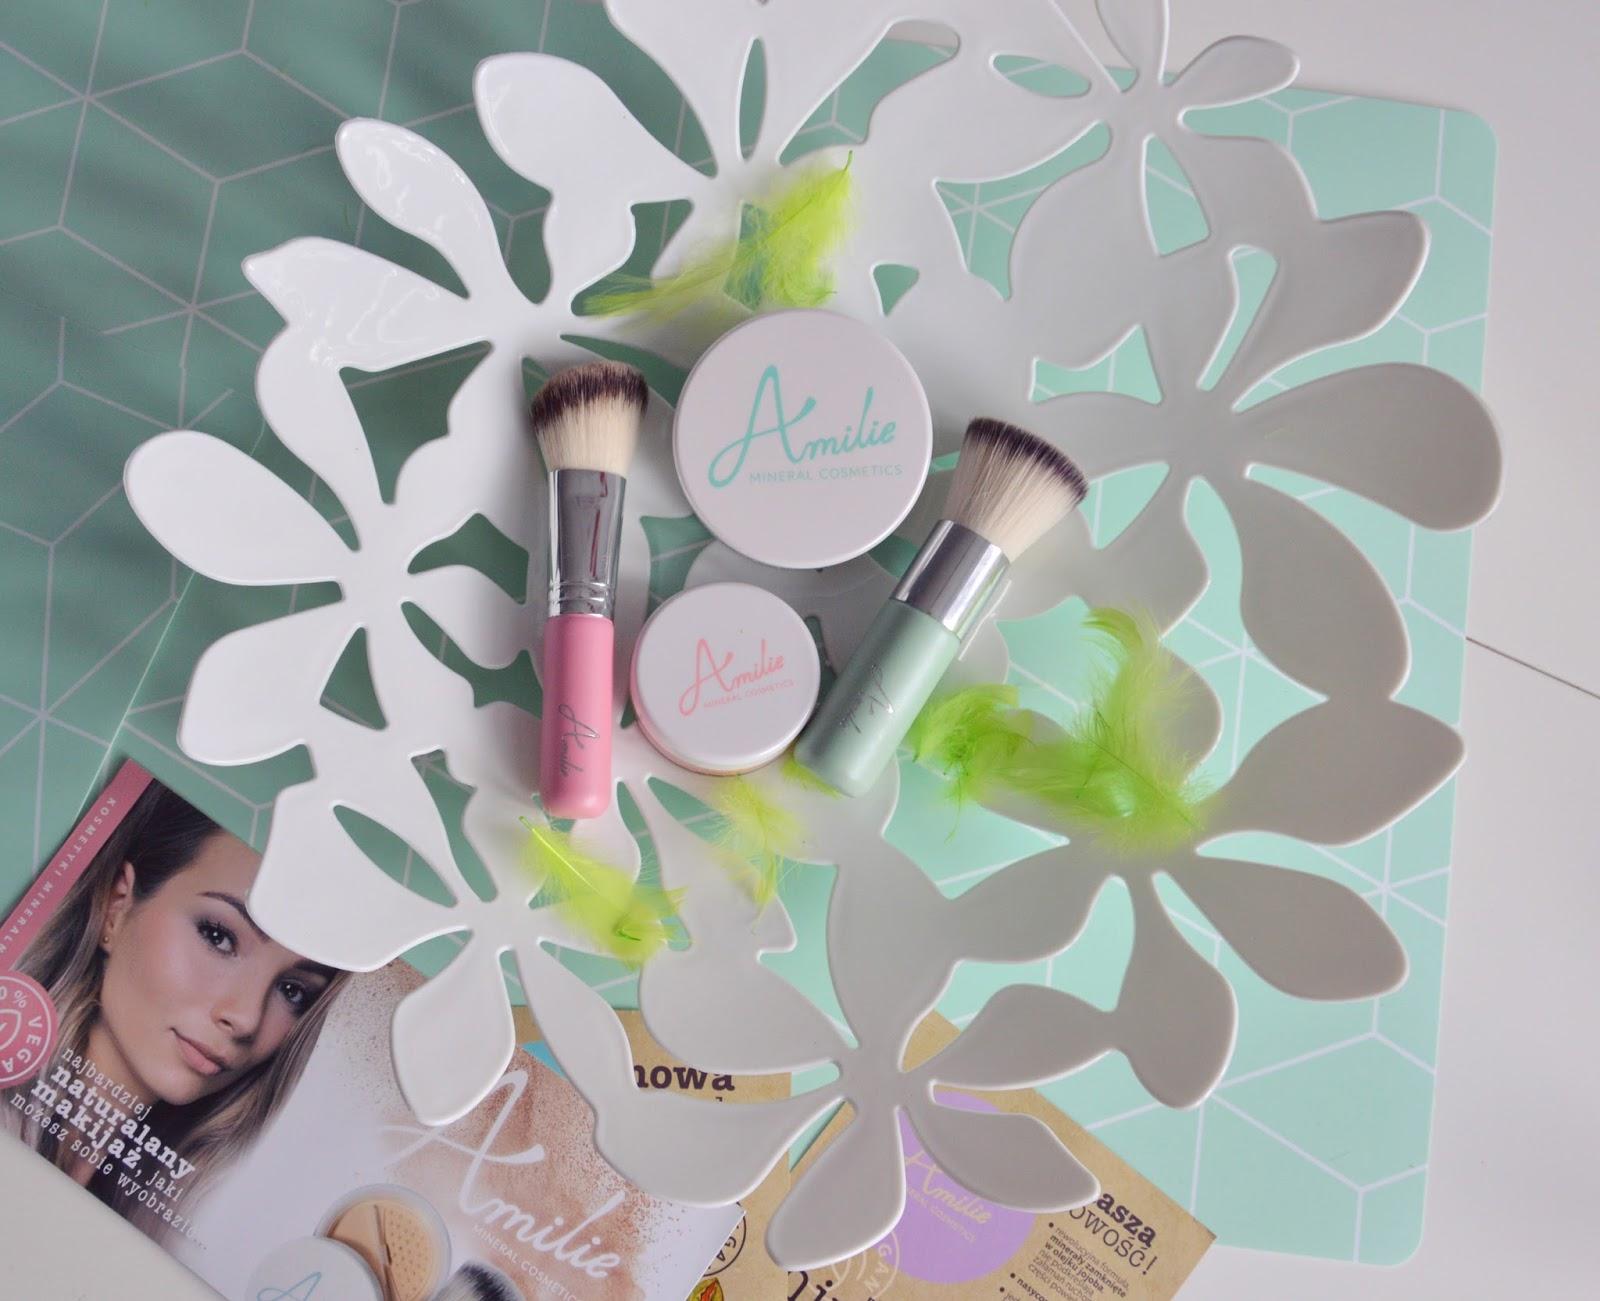 Makijaż z kosmetykami mineralnymi od Amilie Mineral Cosmetics.